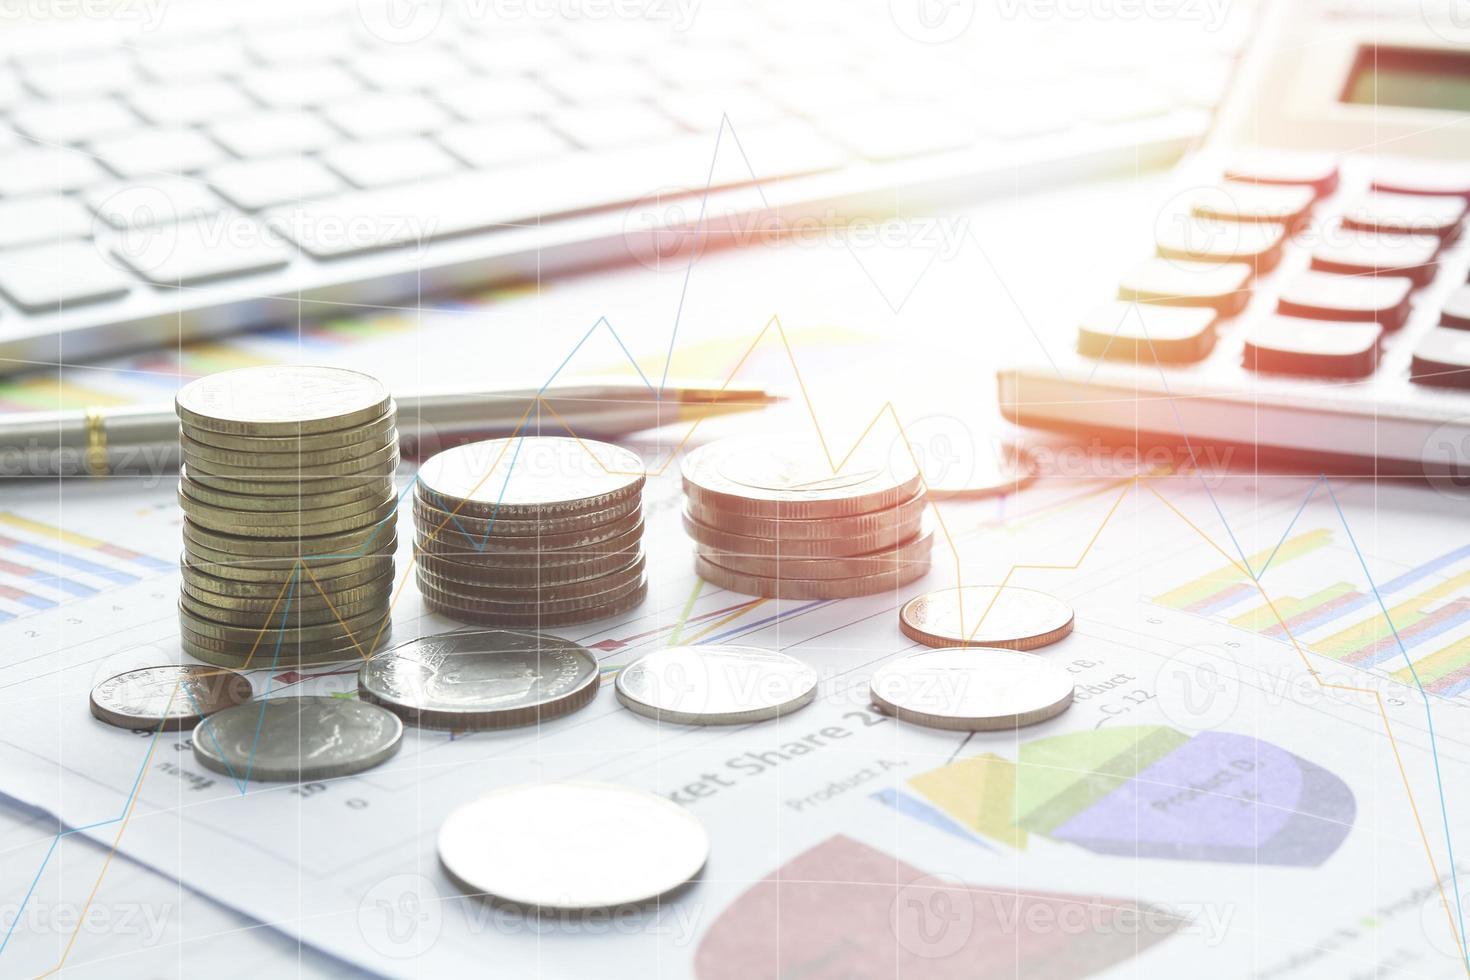 moedas em uma mesa com gráficos e calculadora foto